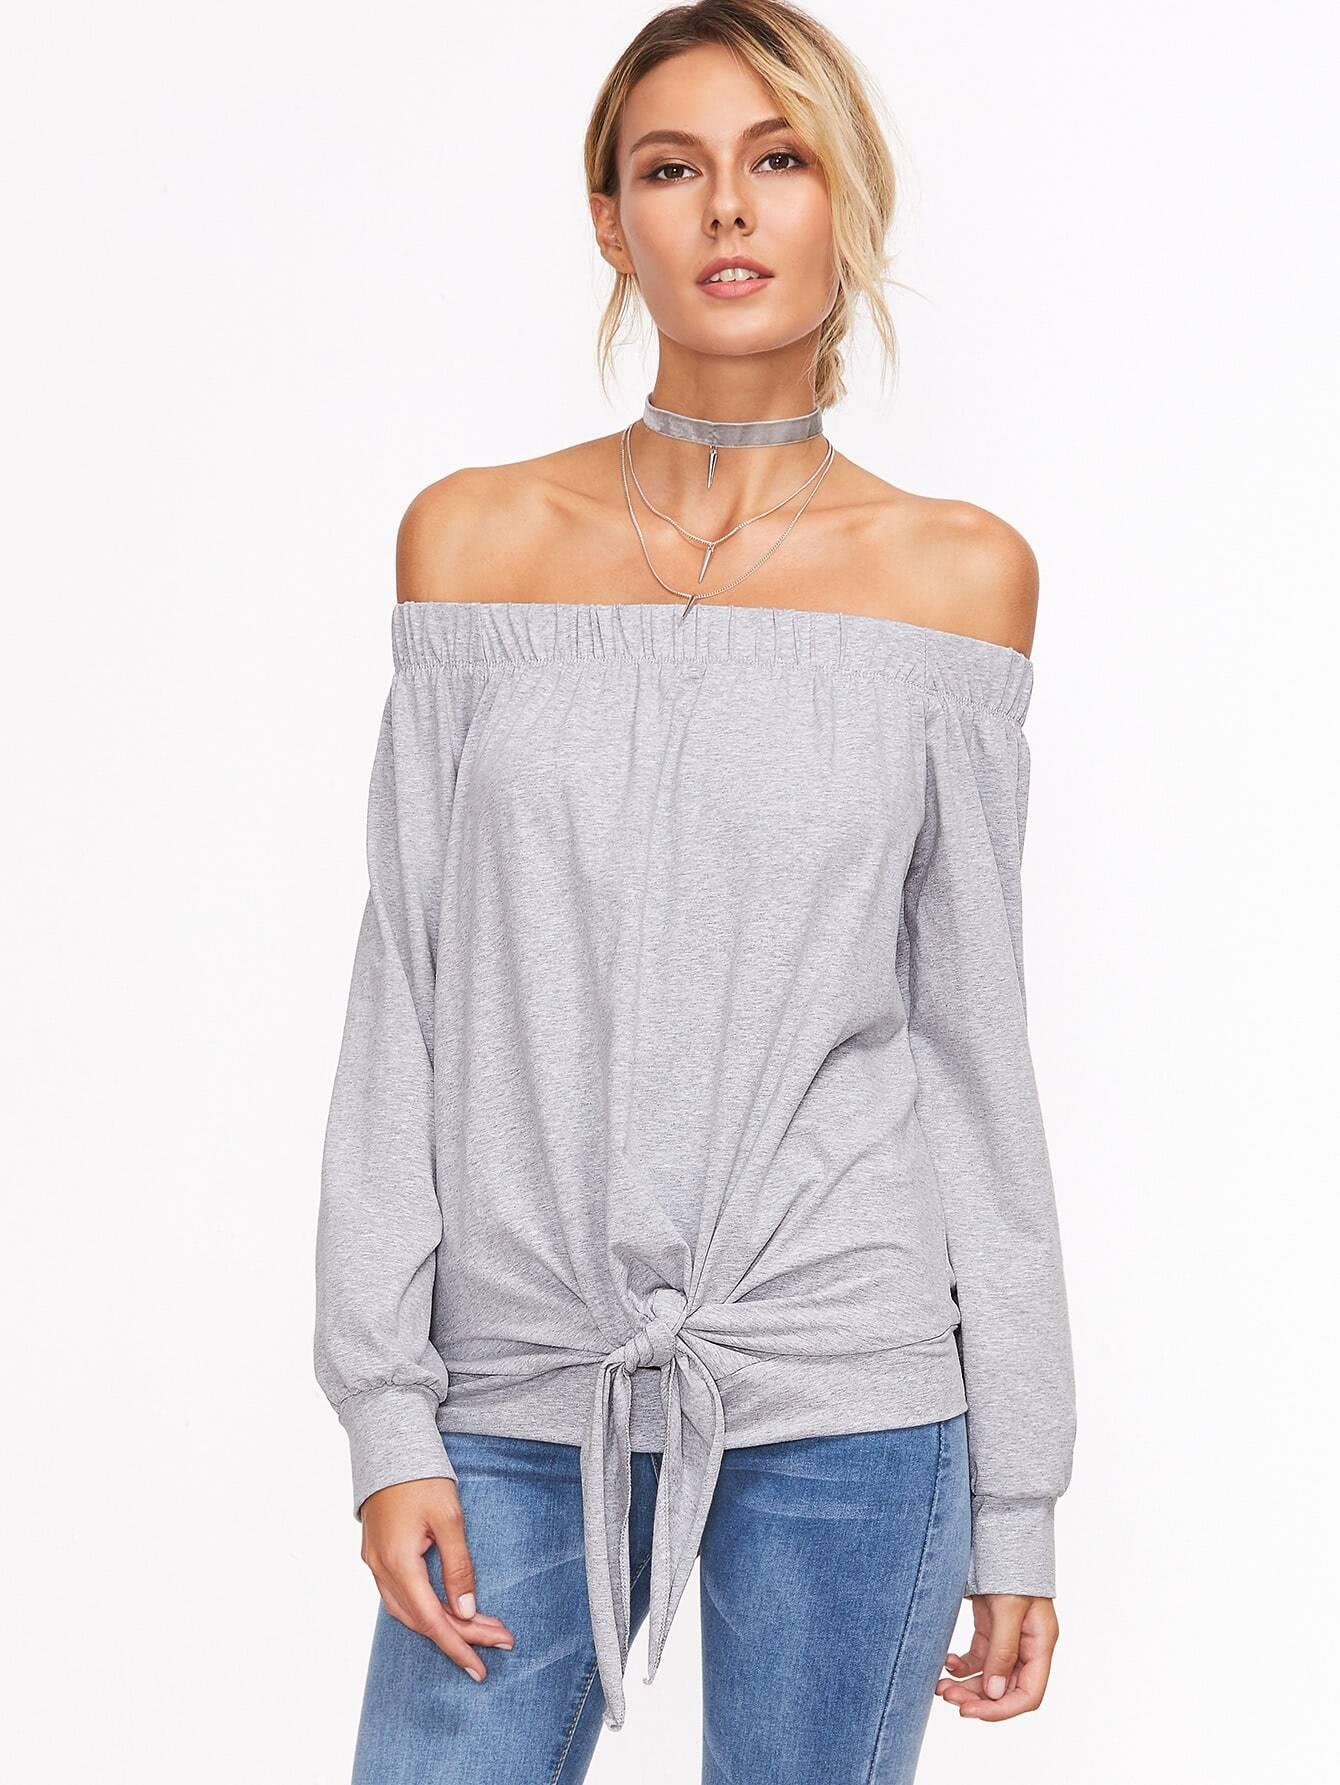 sweatshirt161020302_2